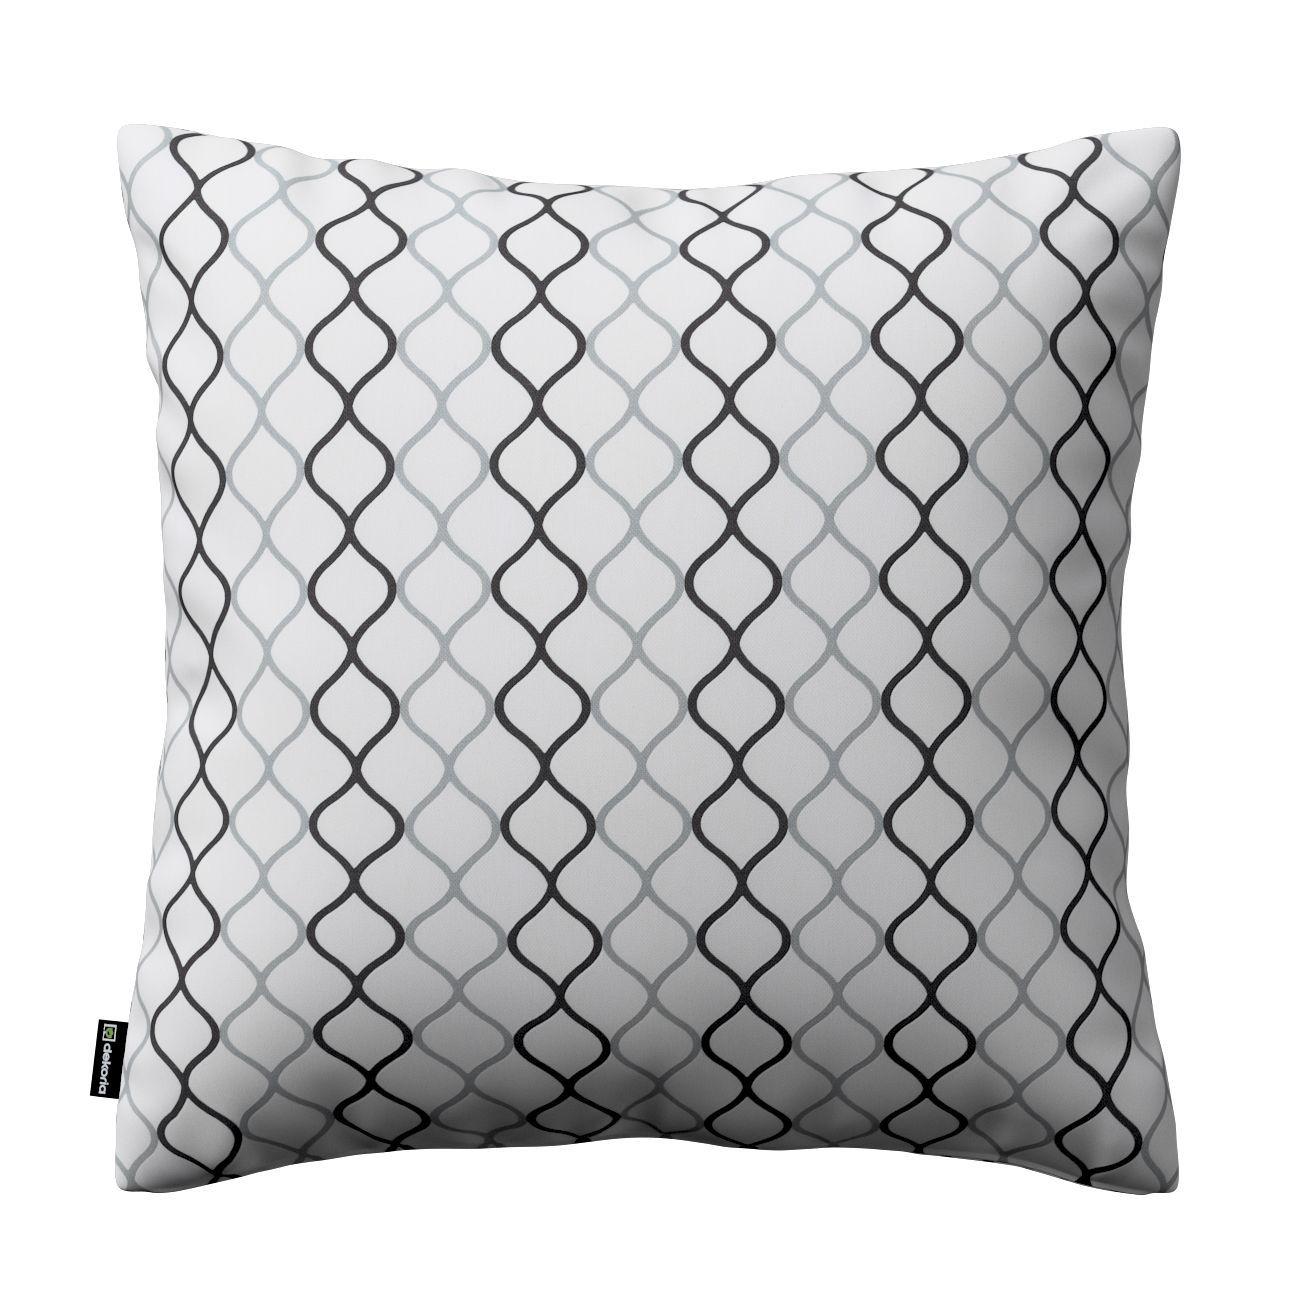 Kissen 40x40 Grun Couchkissen Grau Kissen Design Zierkissen